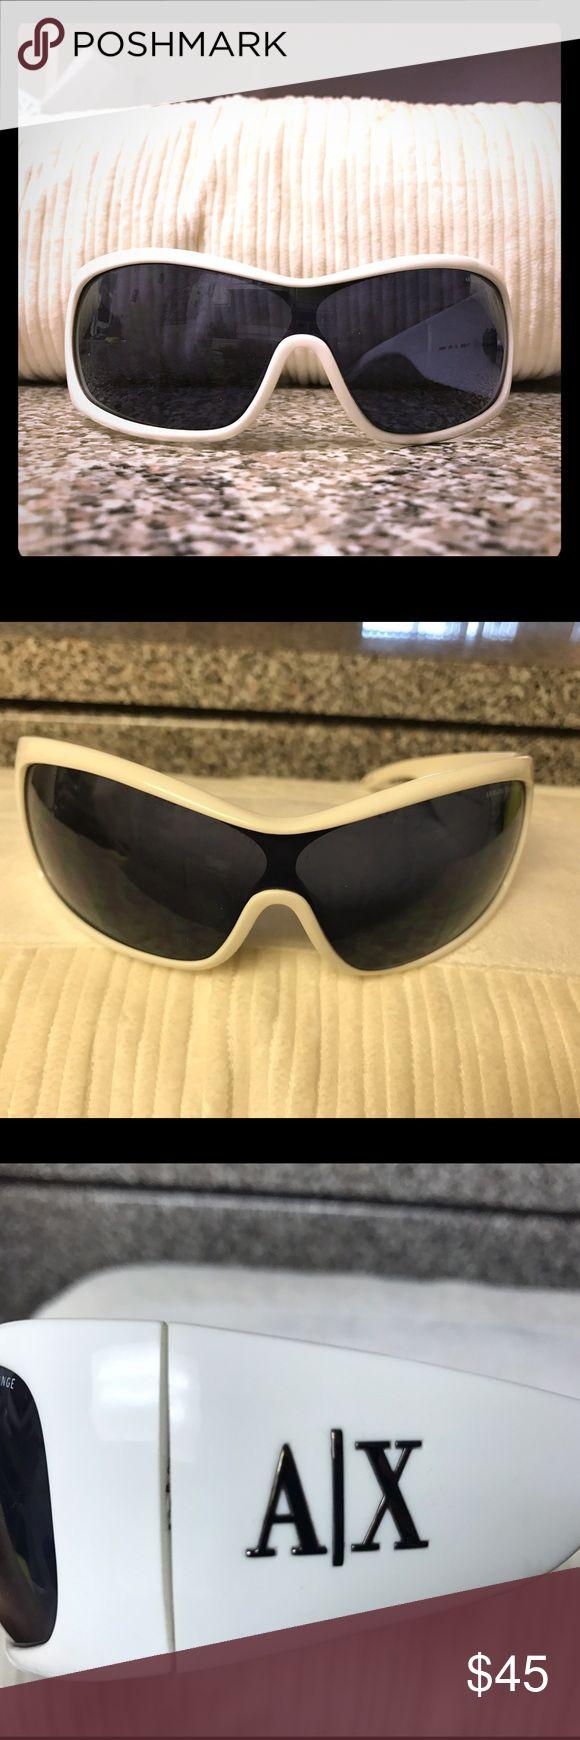 Armani white/black sunglasses Armani white/black sunglasses, they come with the original case. A/X Armani Exchange Accessories Glasses